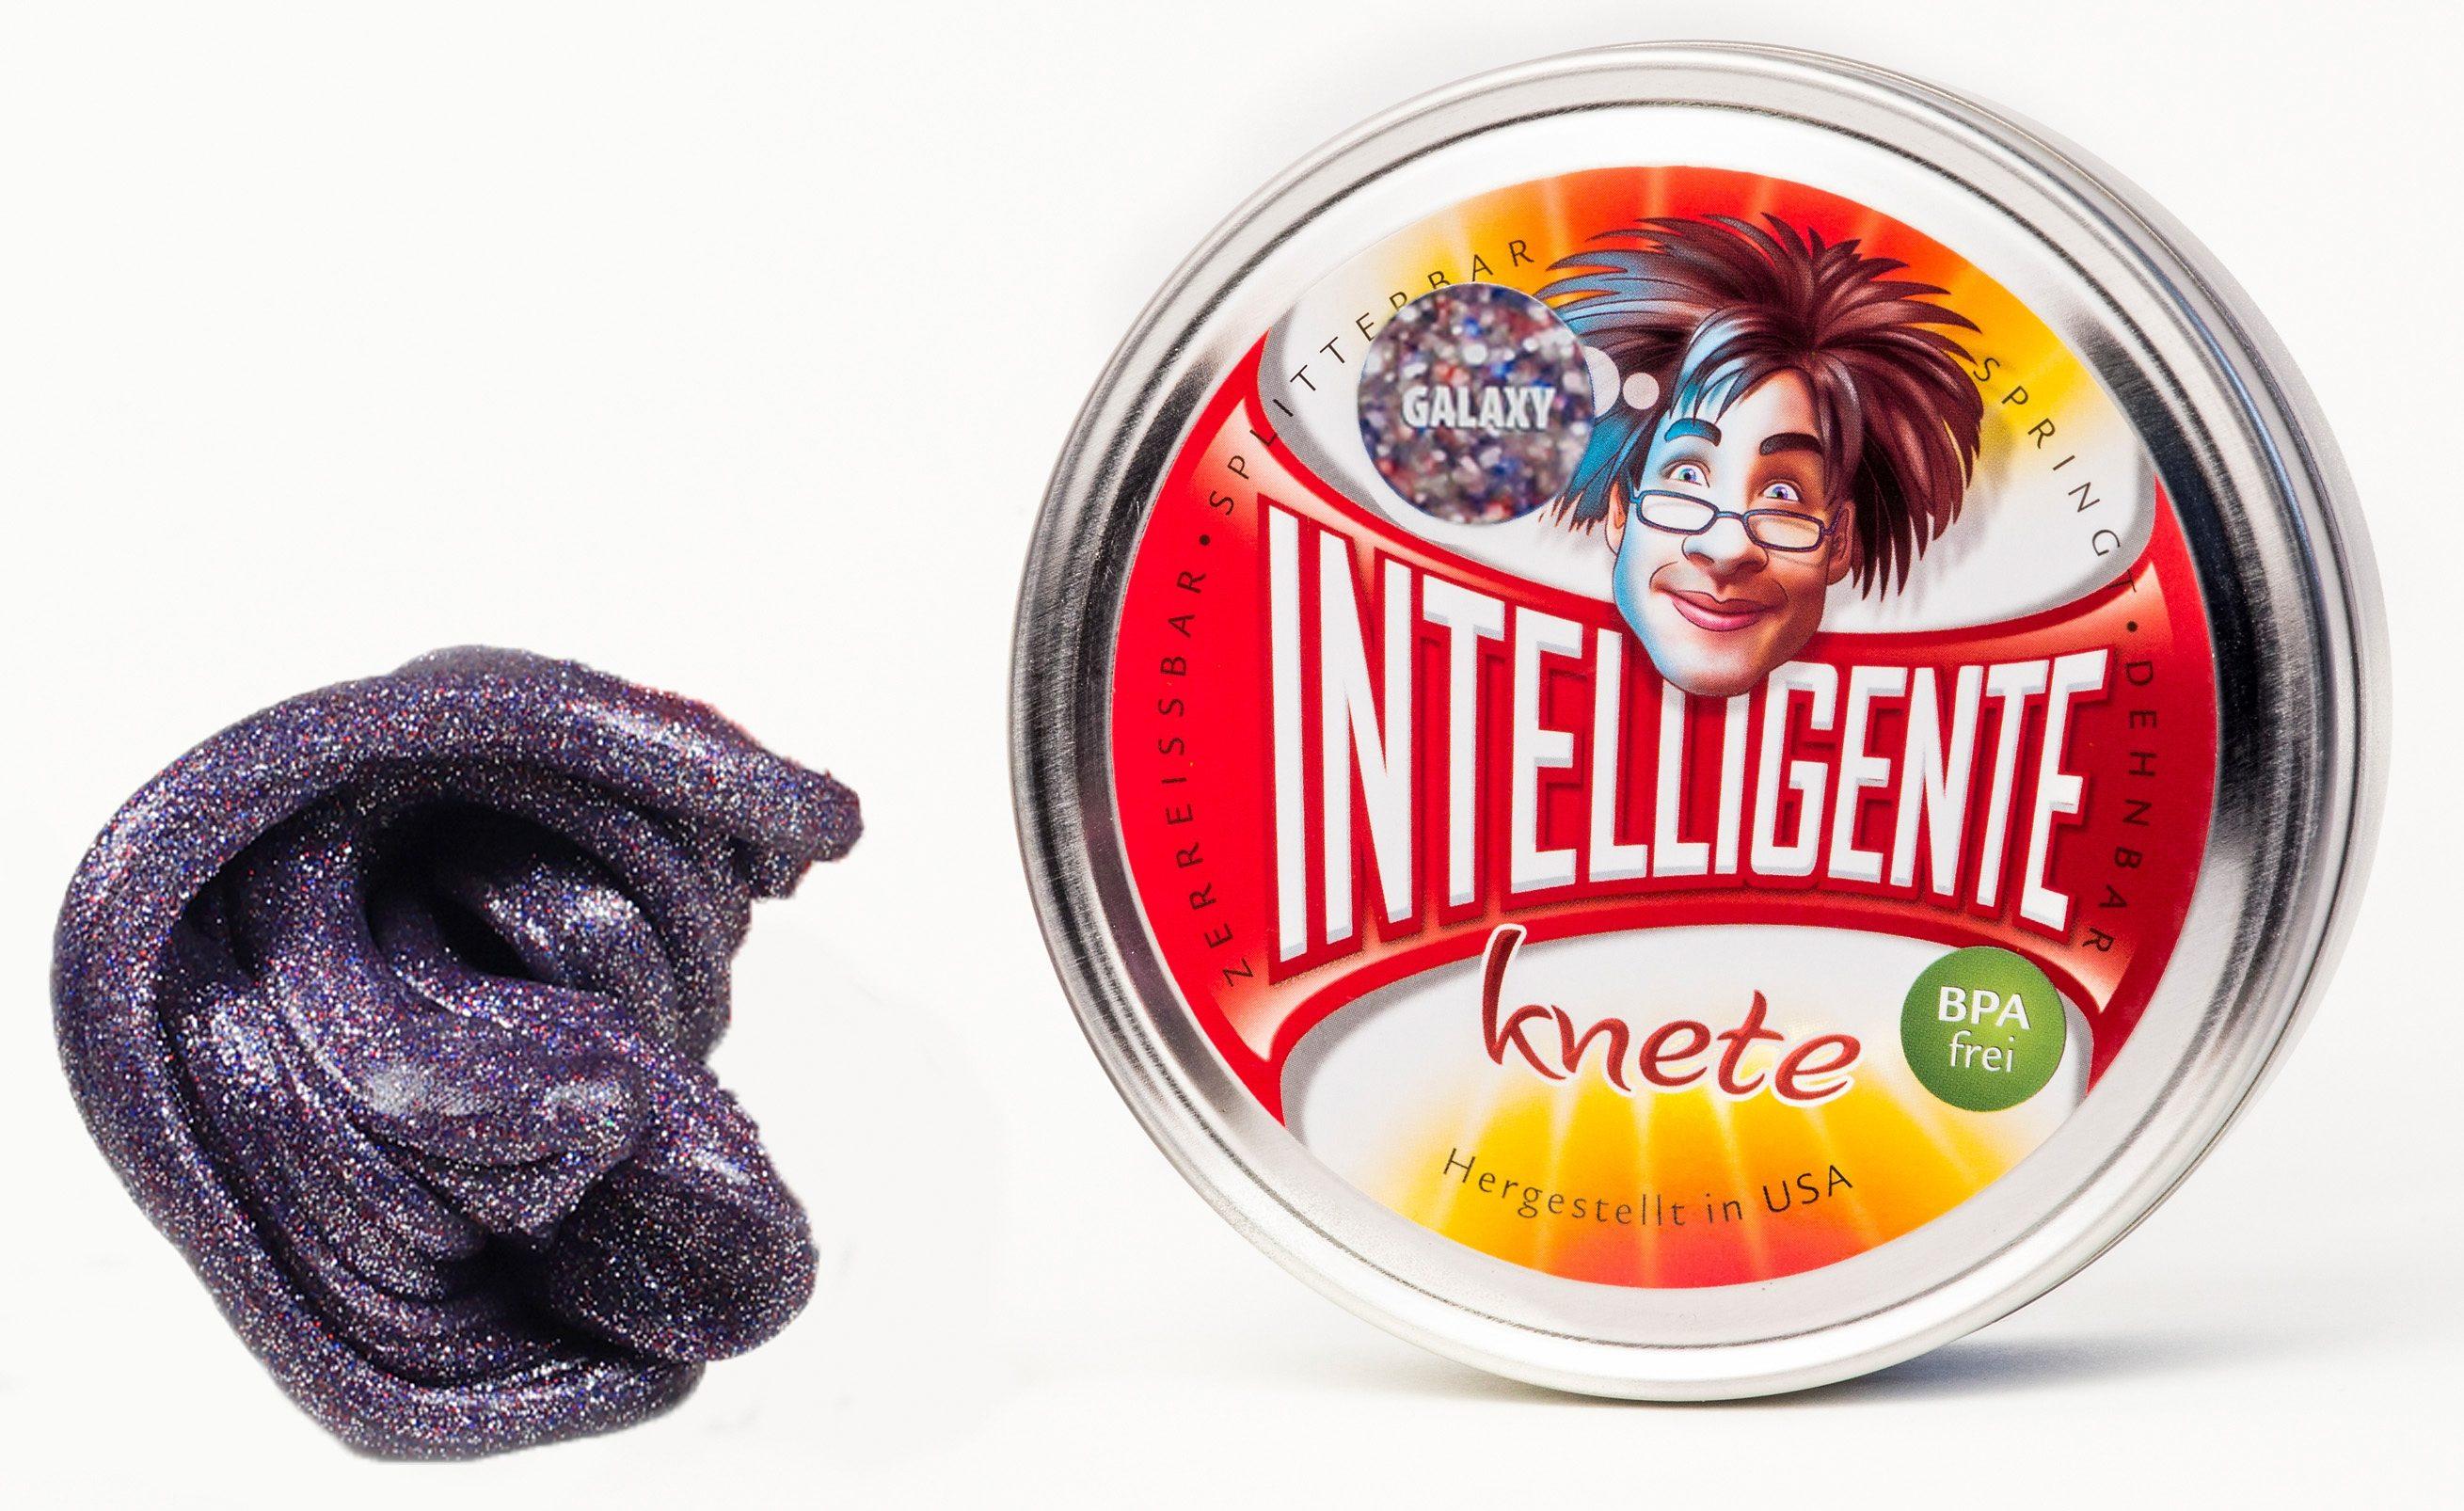 Intelligente Knete Knetgummi Glitzer Preisvergleich